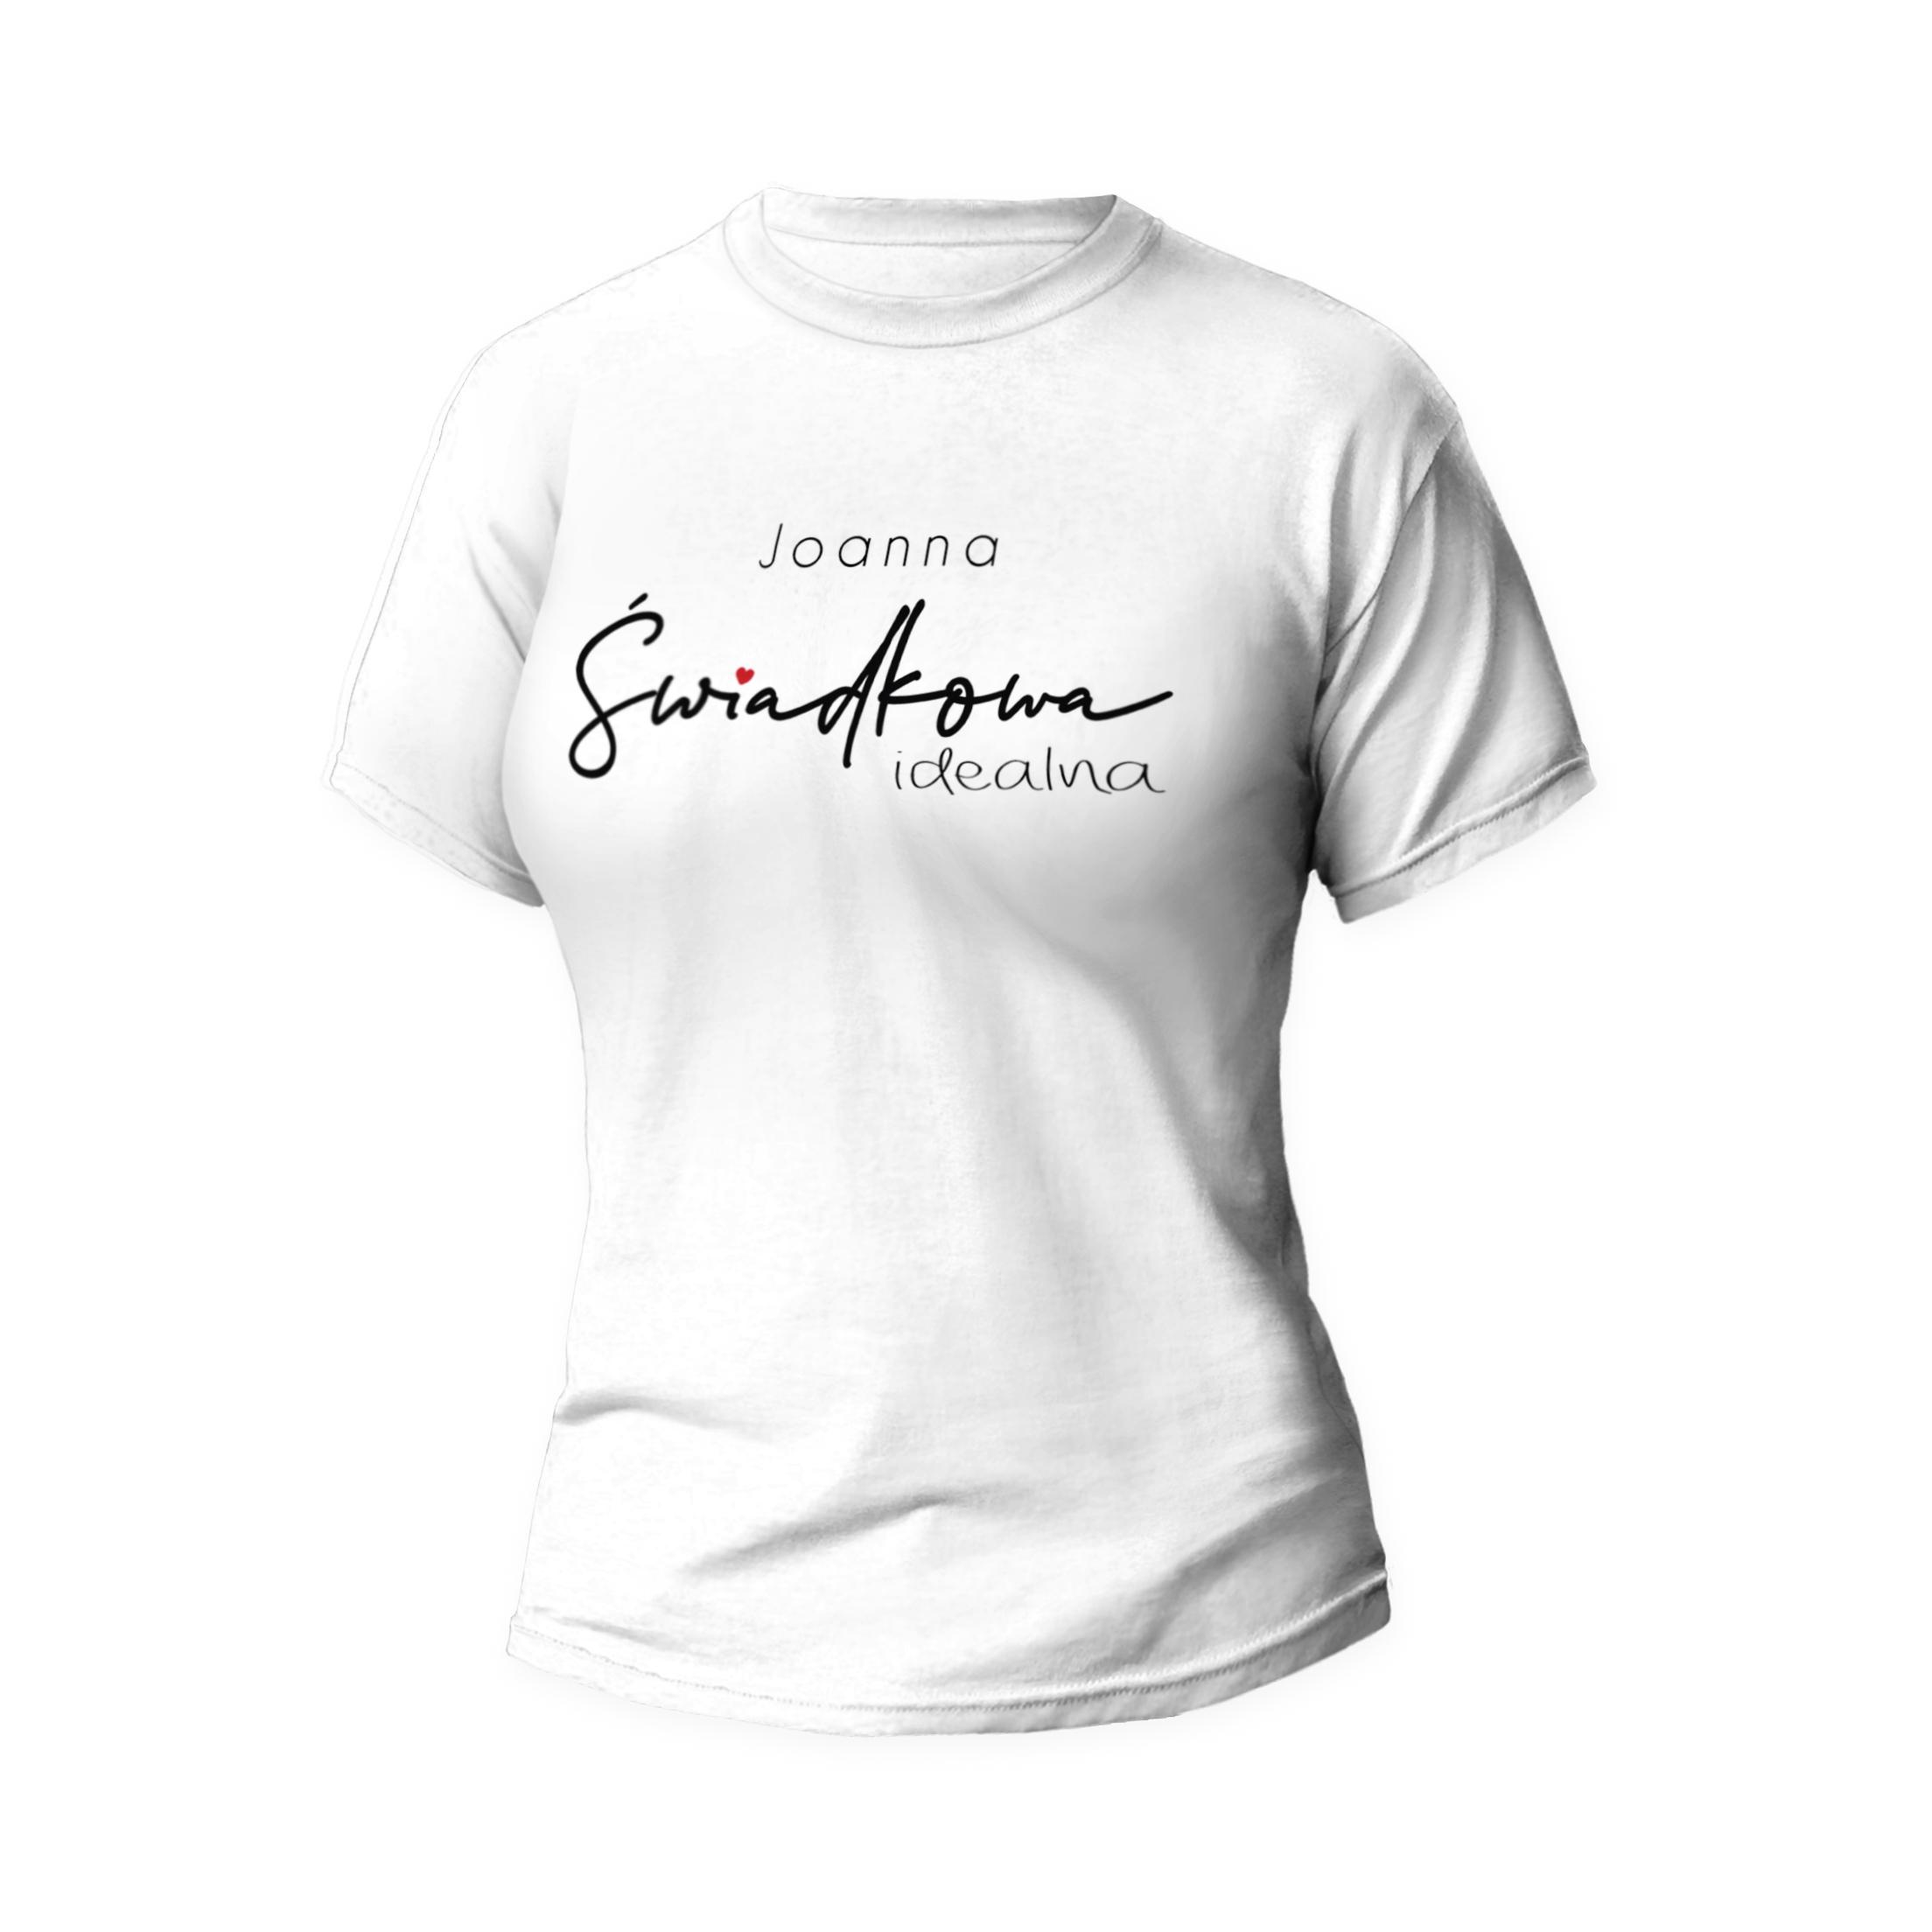 Rozmiar S  - koszulka damska z własnym nadrukiem - Świadkowa idealna